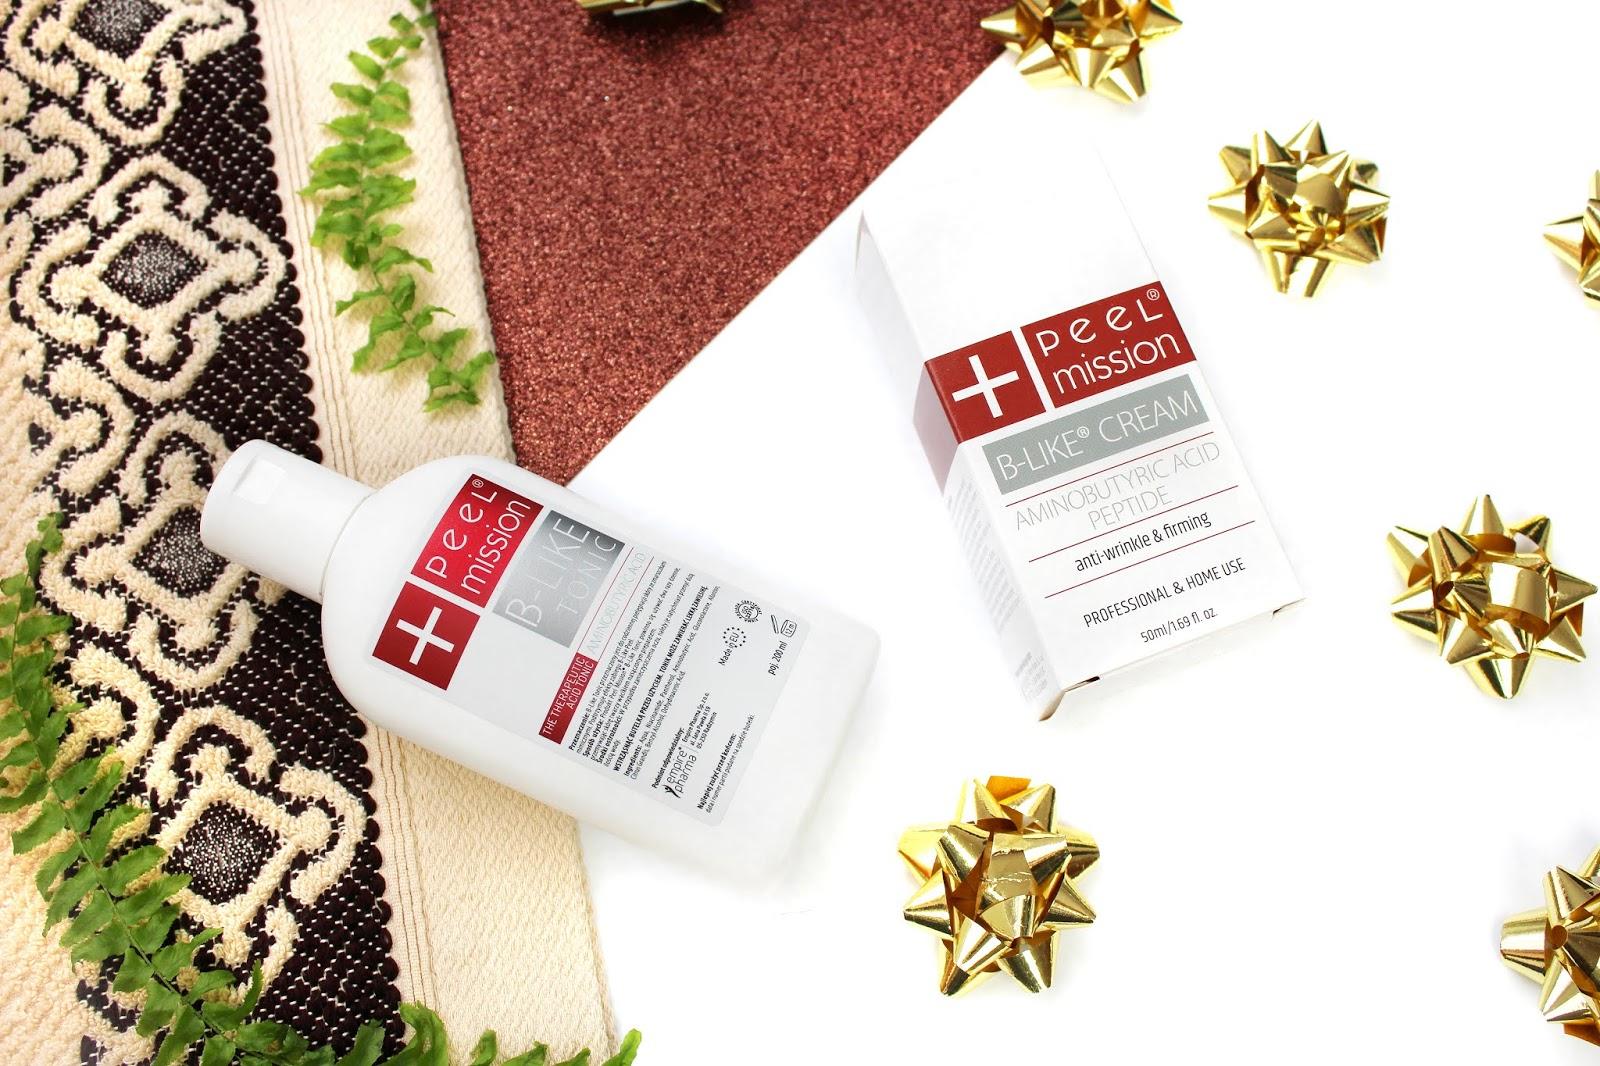 Peel Mission, B-Like Peel - Krem oraz tonik do walki z oznakami starzenia się skóry i redukcji zmarszczek mimicznych